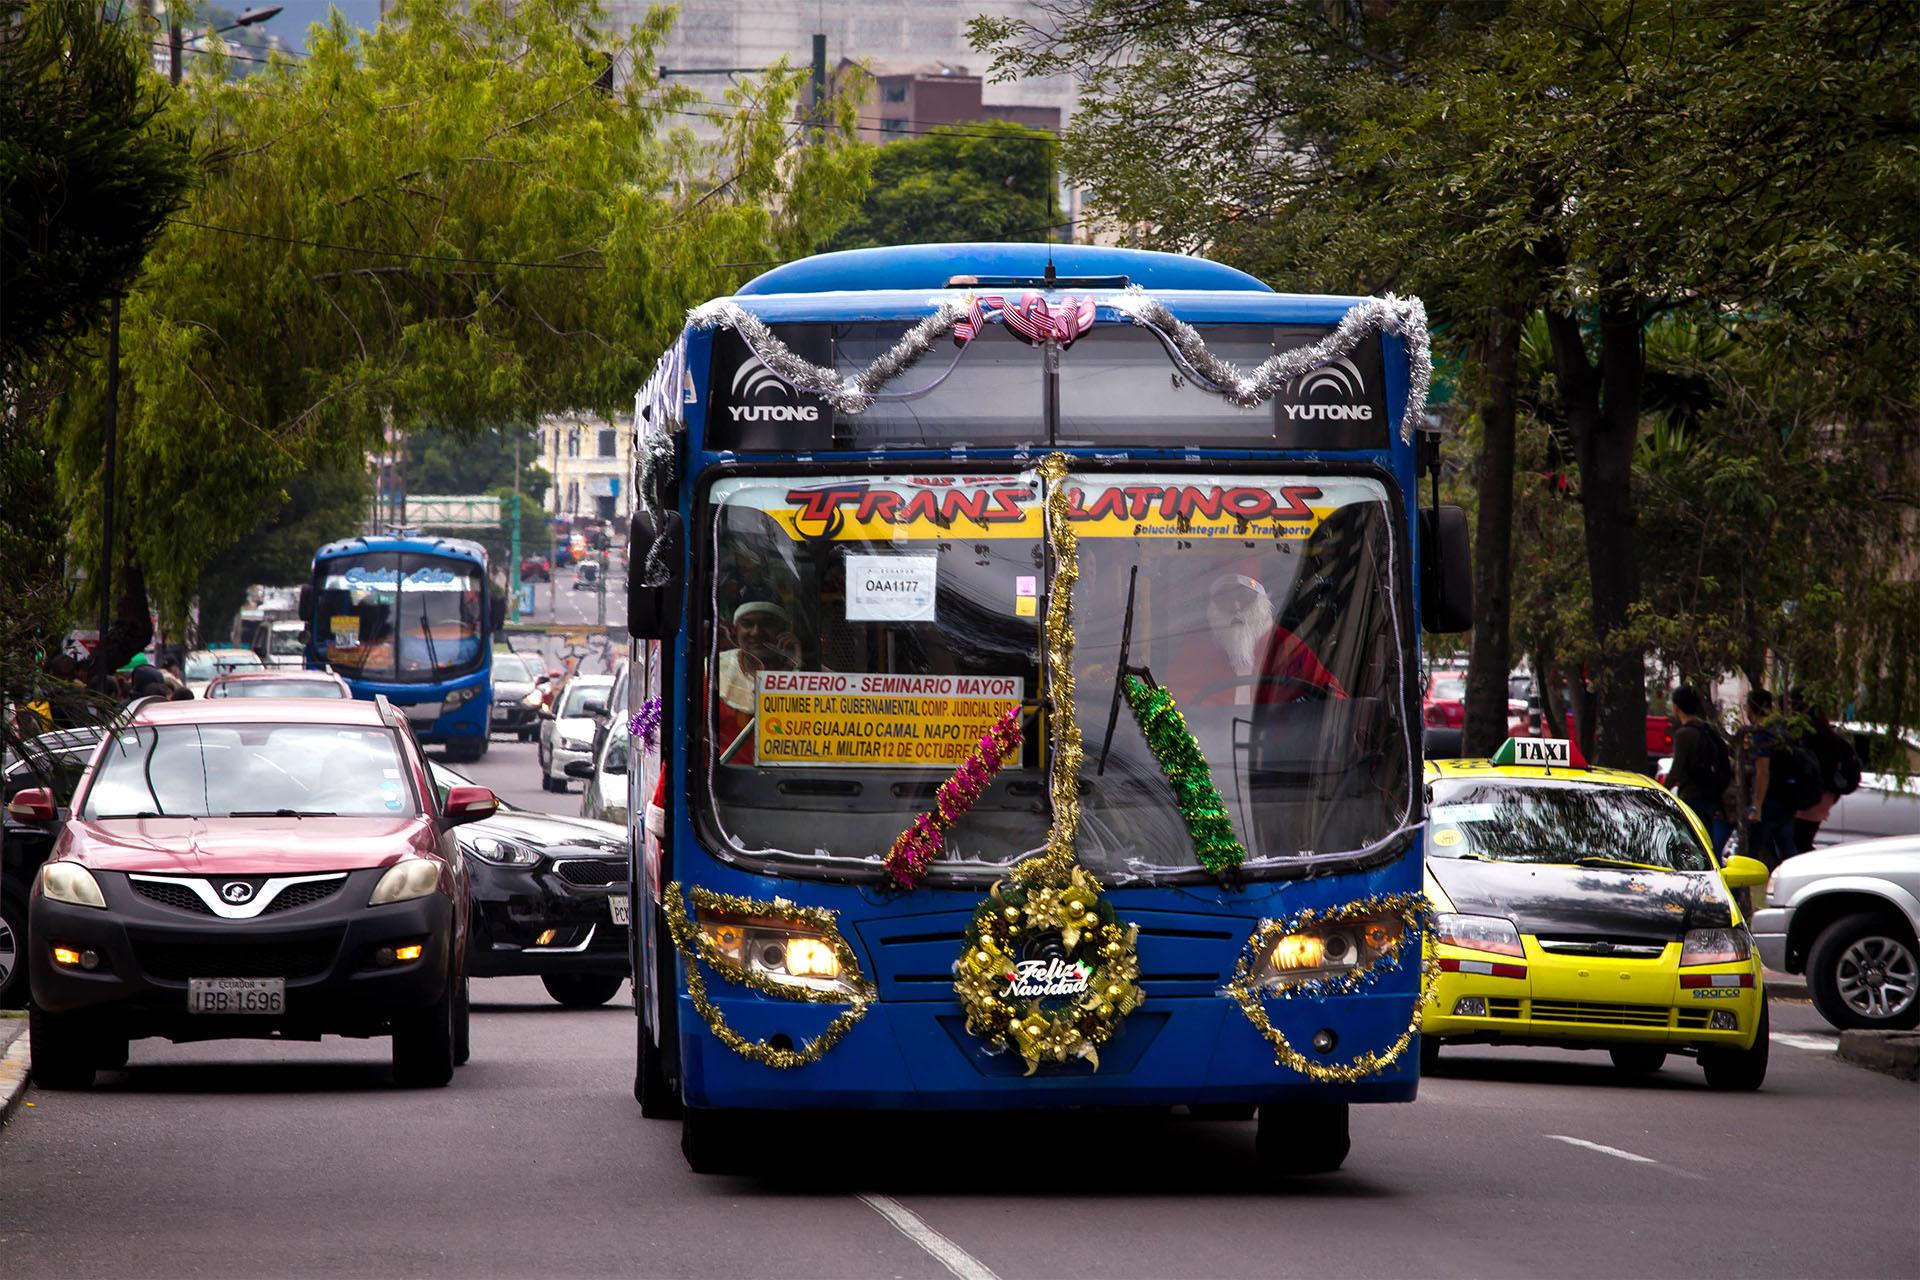 Un micro de transporte público en Quito está decorado para recibir la Navidad (Photo by Cristina VEGA / AFP)